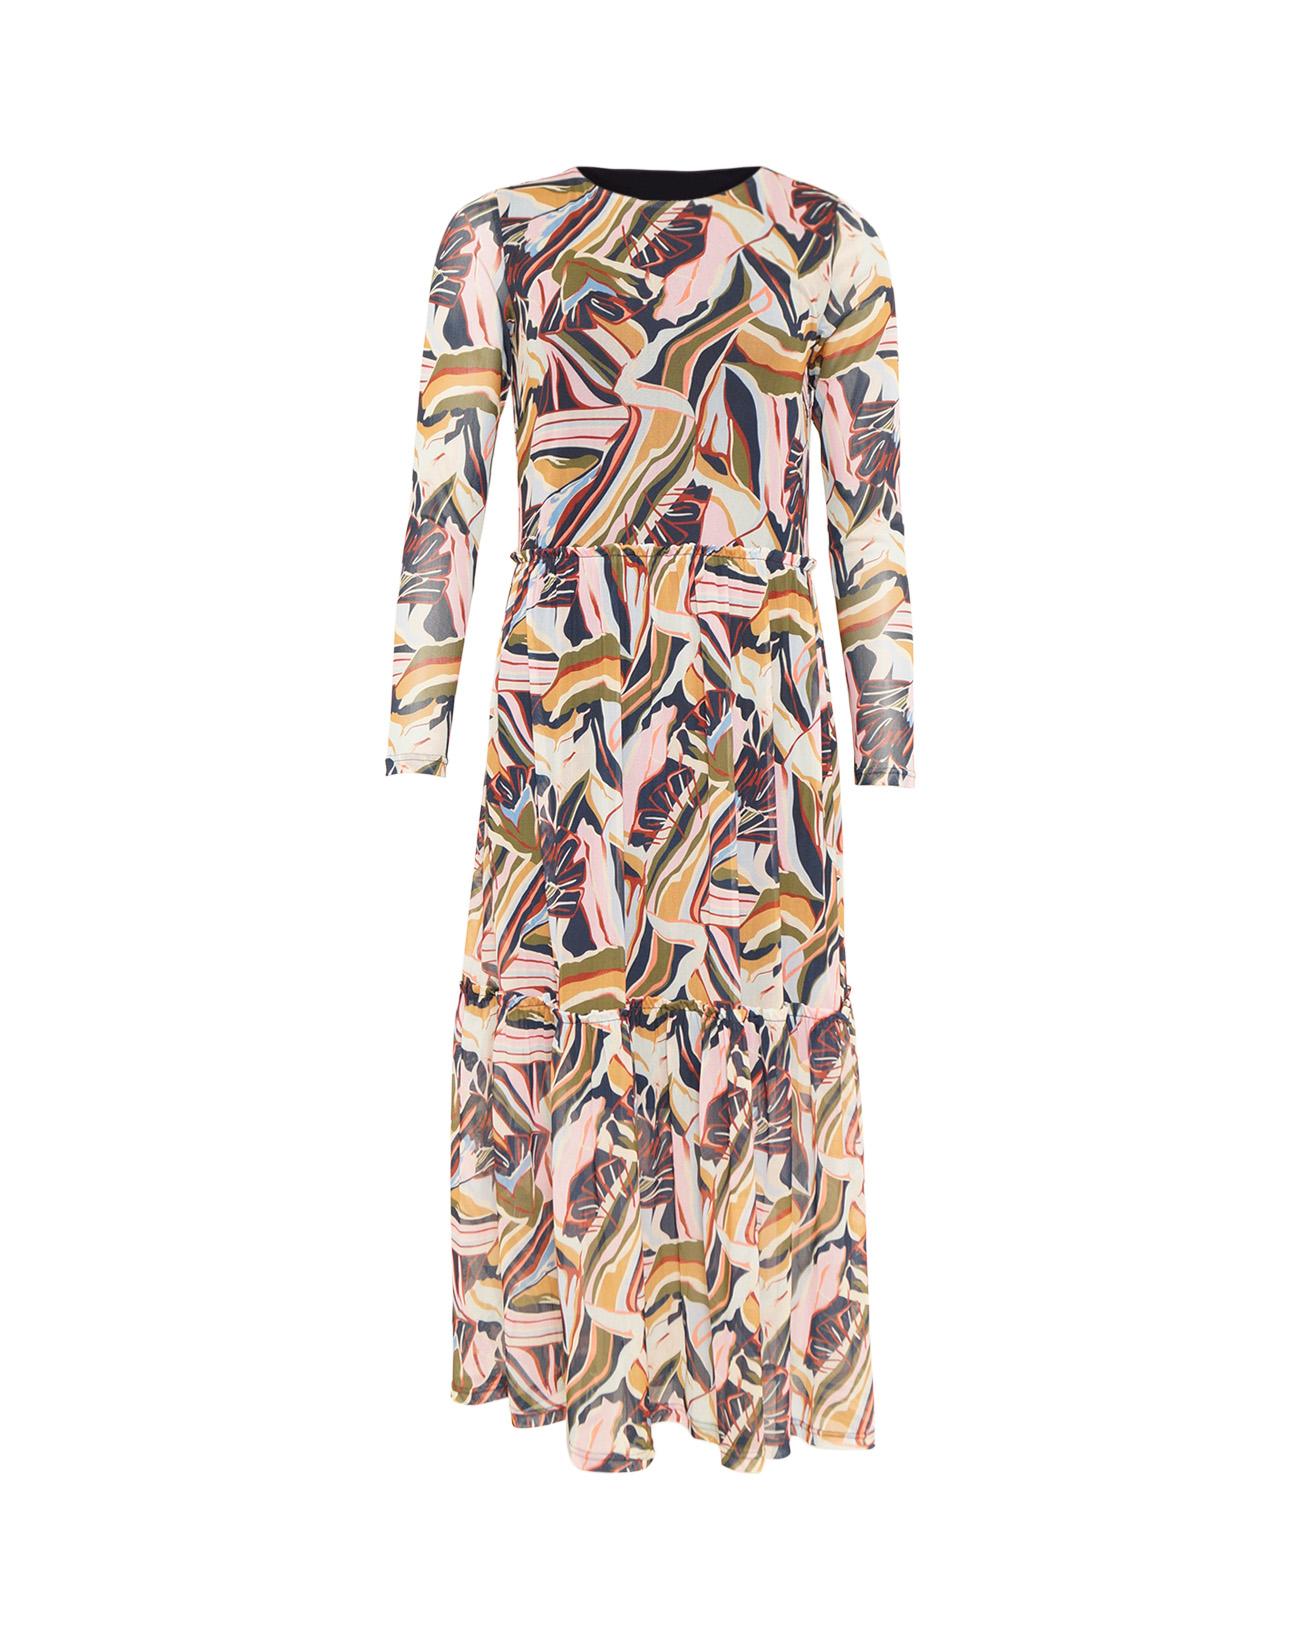 Anisette Dress